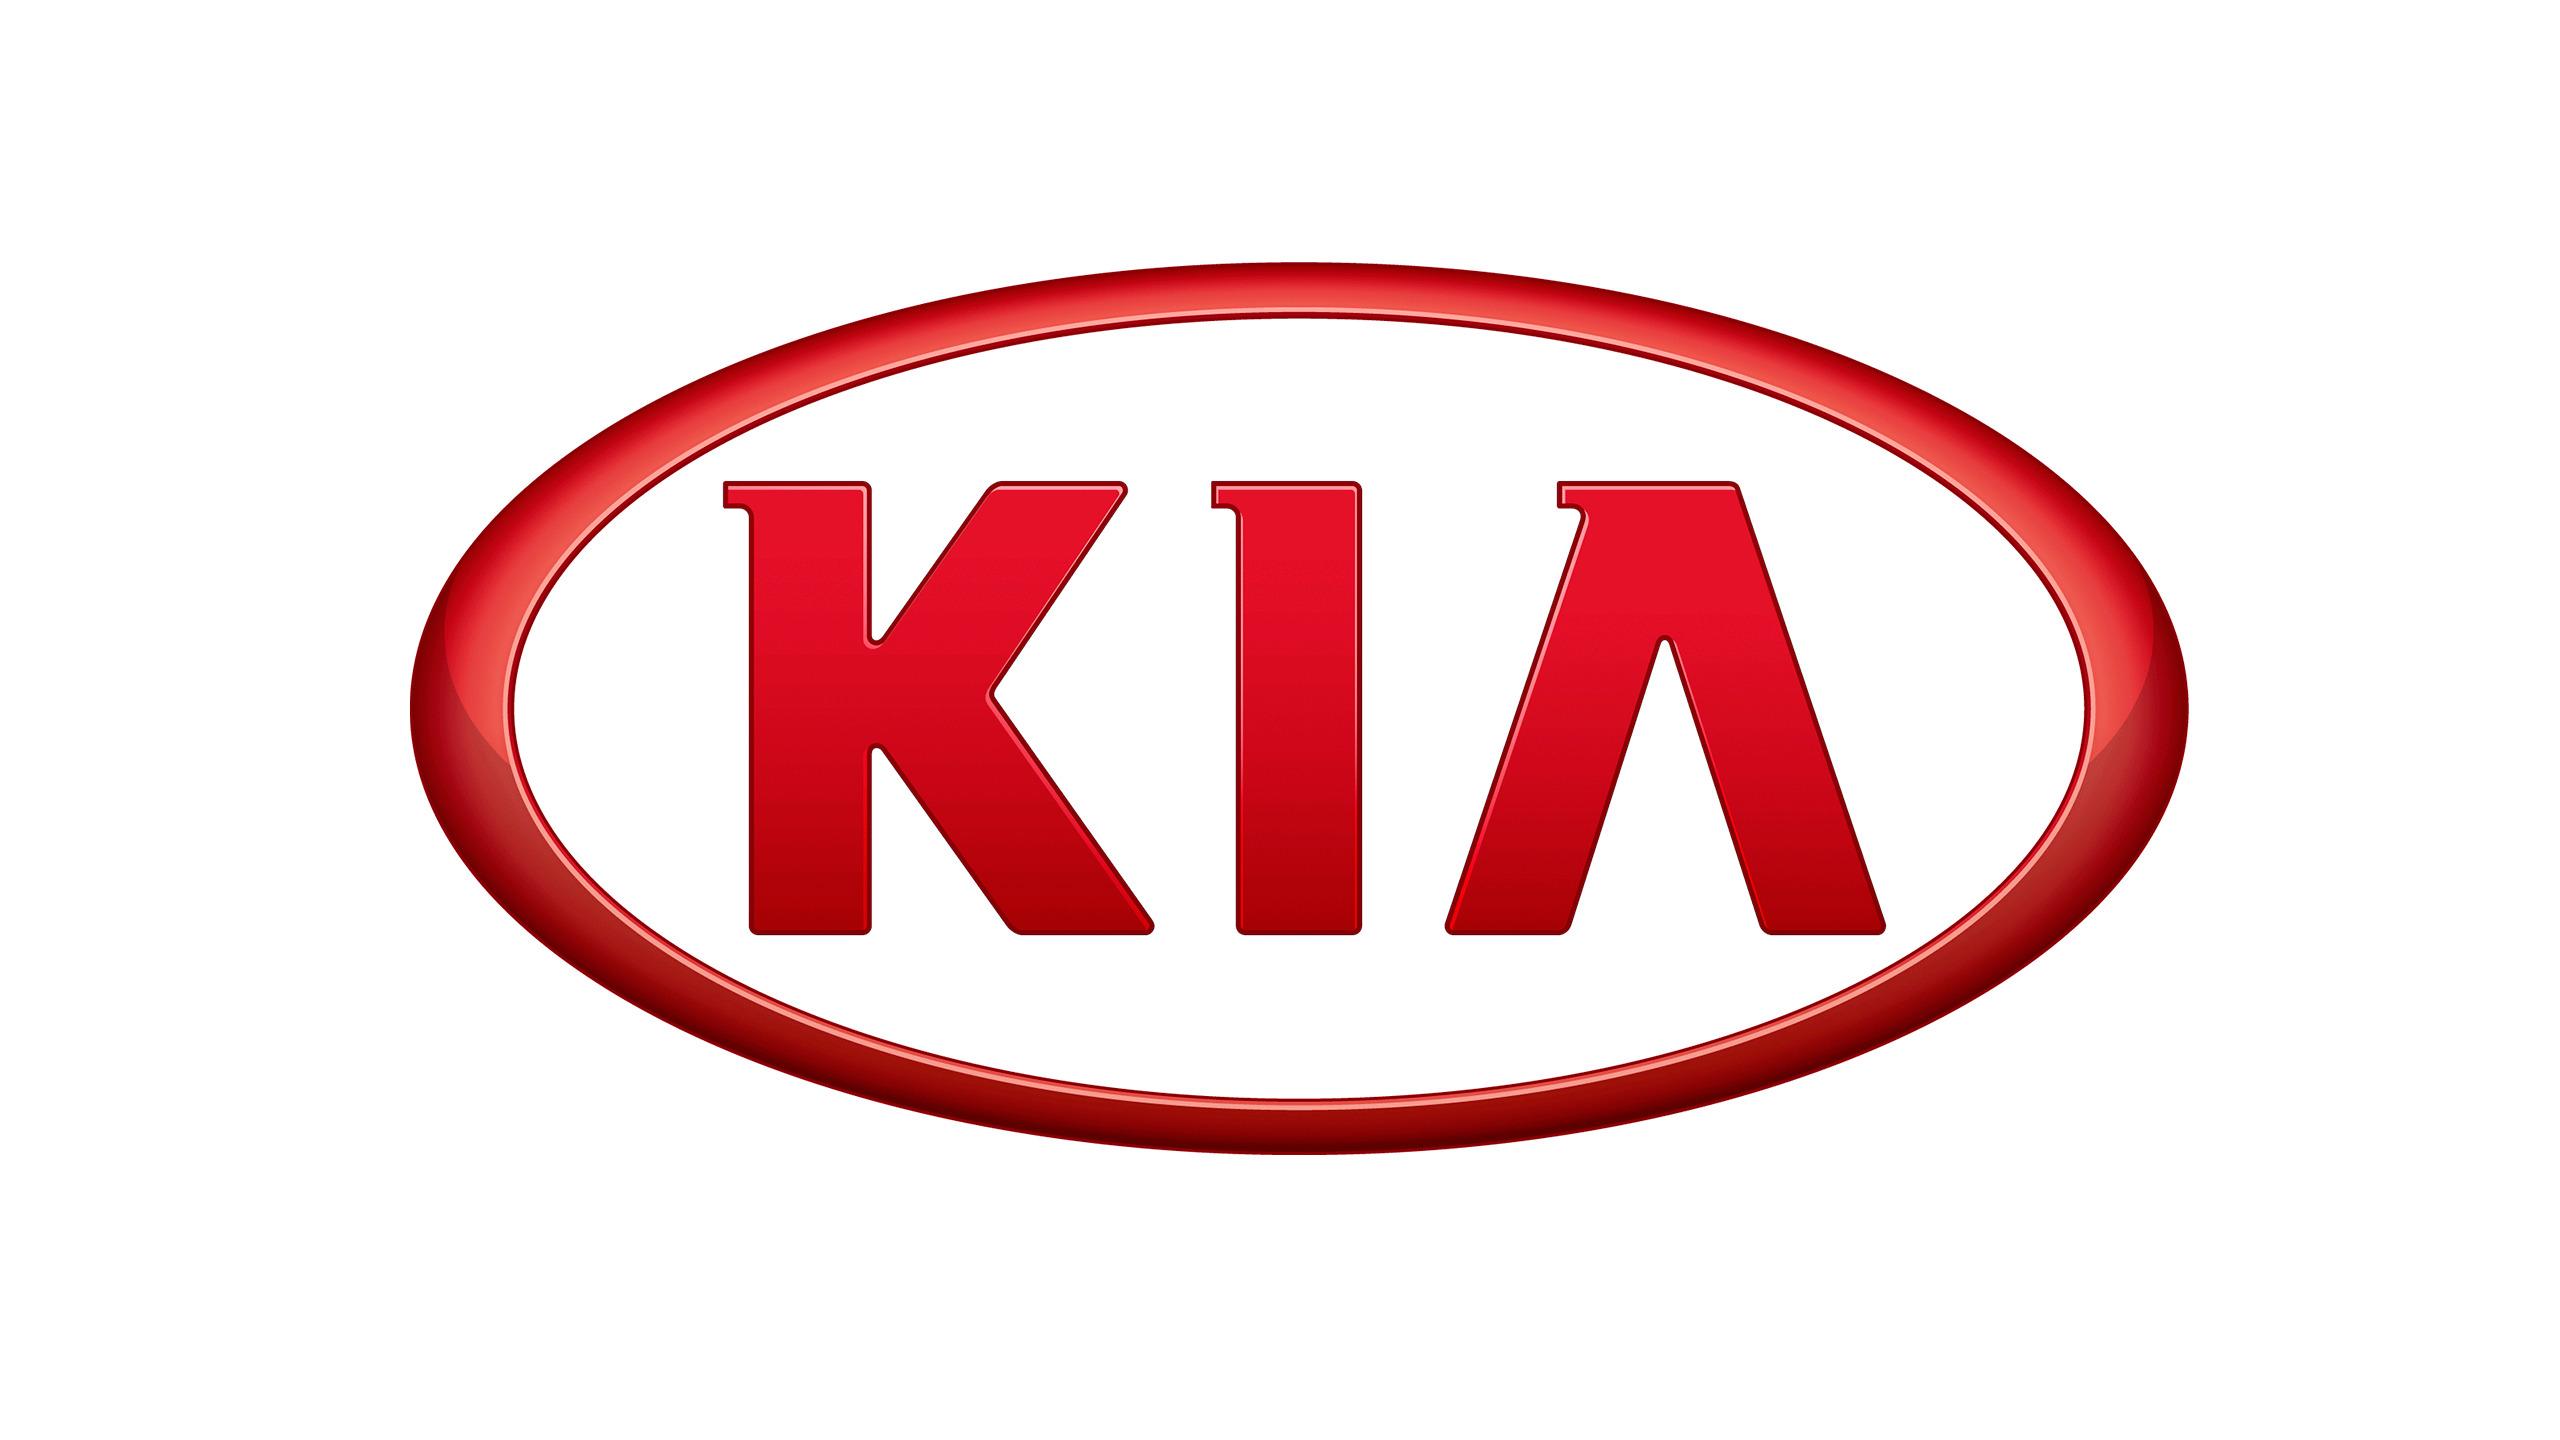 Imagen logo de Kia